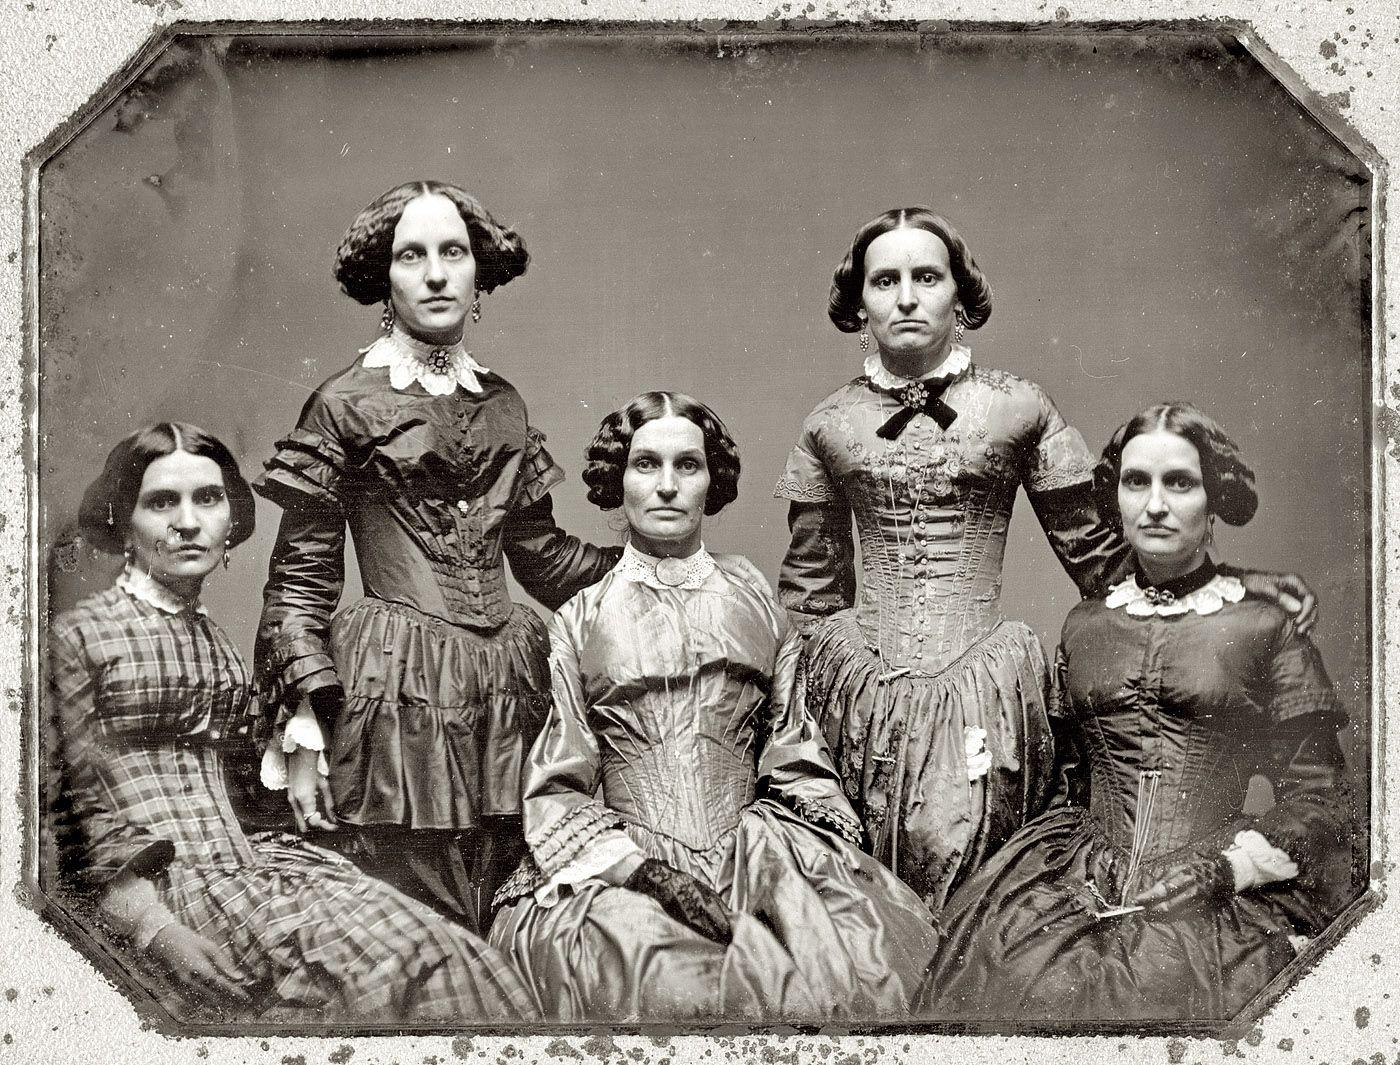 Женщины на дагеротипах 1850-ых   Crinoline era - paintings & photo    Винтажные фото, Старинные фотографии и Групповые фото